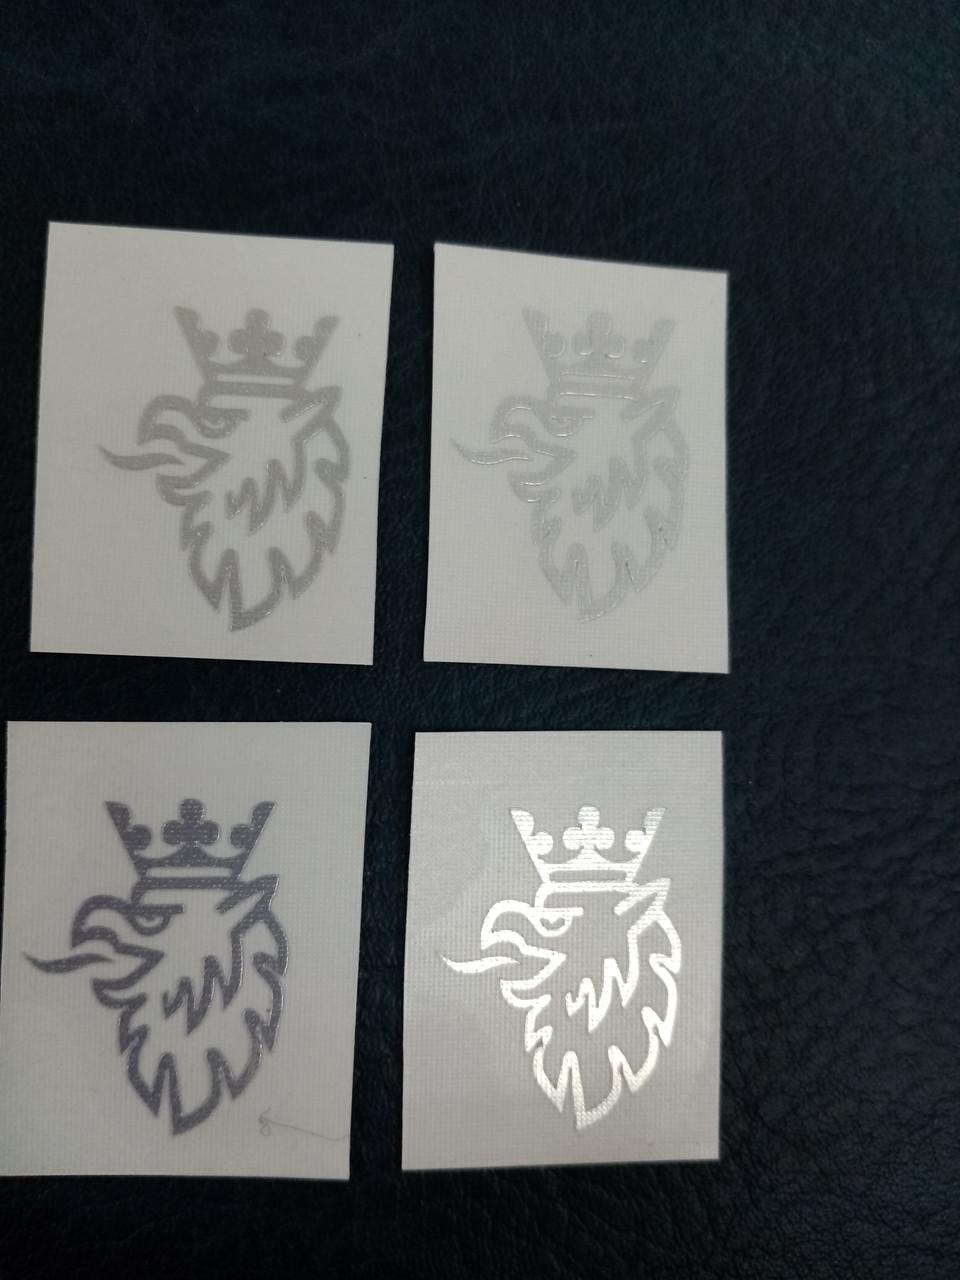 Заказ покупателя  виниловые наклейки SAAB SCANIA   2,5х1,8 см хром